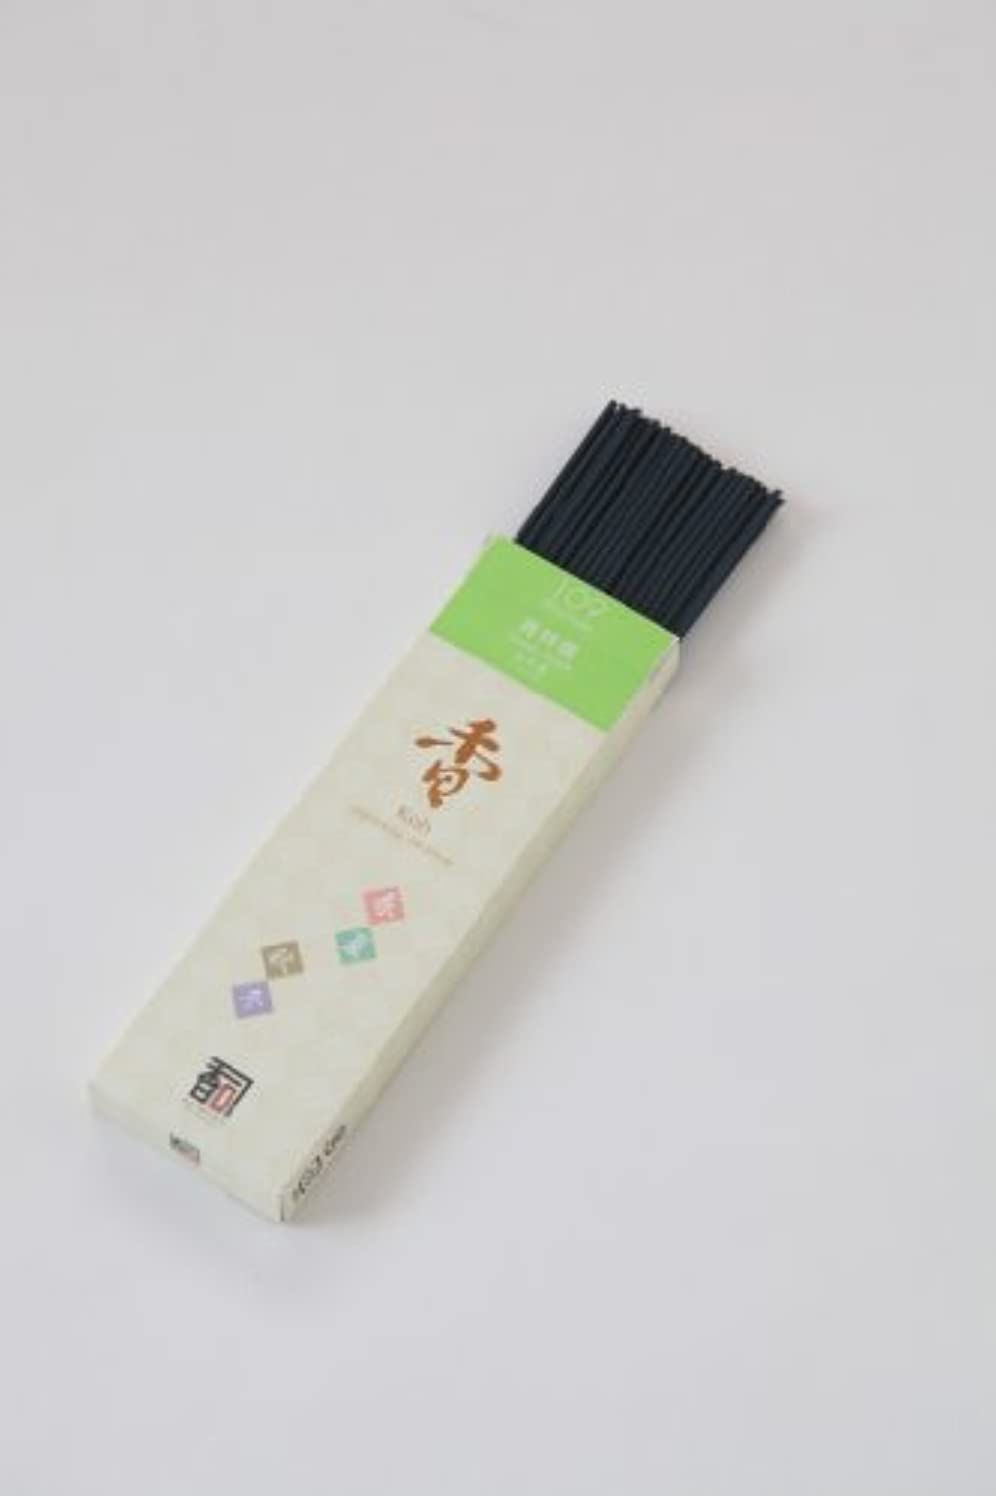 切断する東ティモール恐ろしいです「あわじ島の香司」 日本の香りシリーズ (春夏秋冬) 【109】  ◆青林檎◆